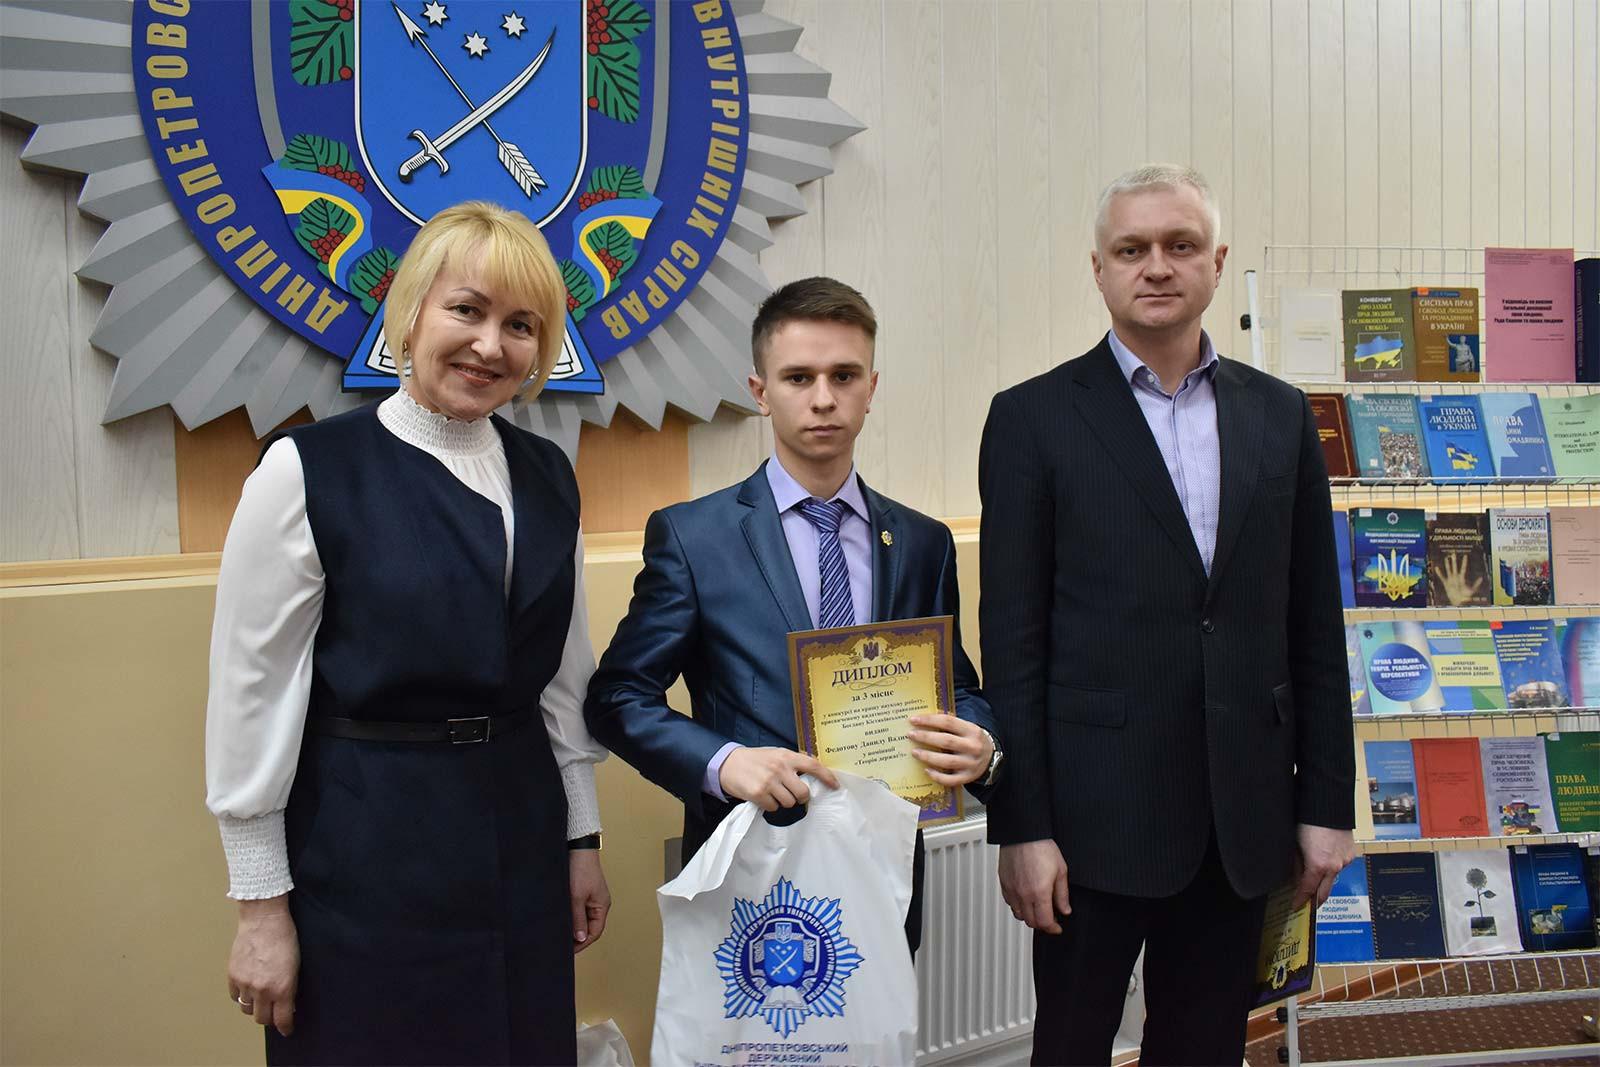 Привітав призерів конкурсу, вручив дипломи та цінні подарунки проректор університету Андрій Фоменко